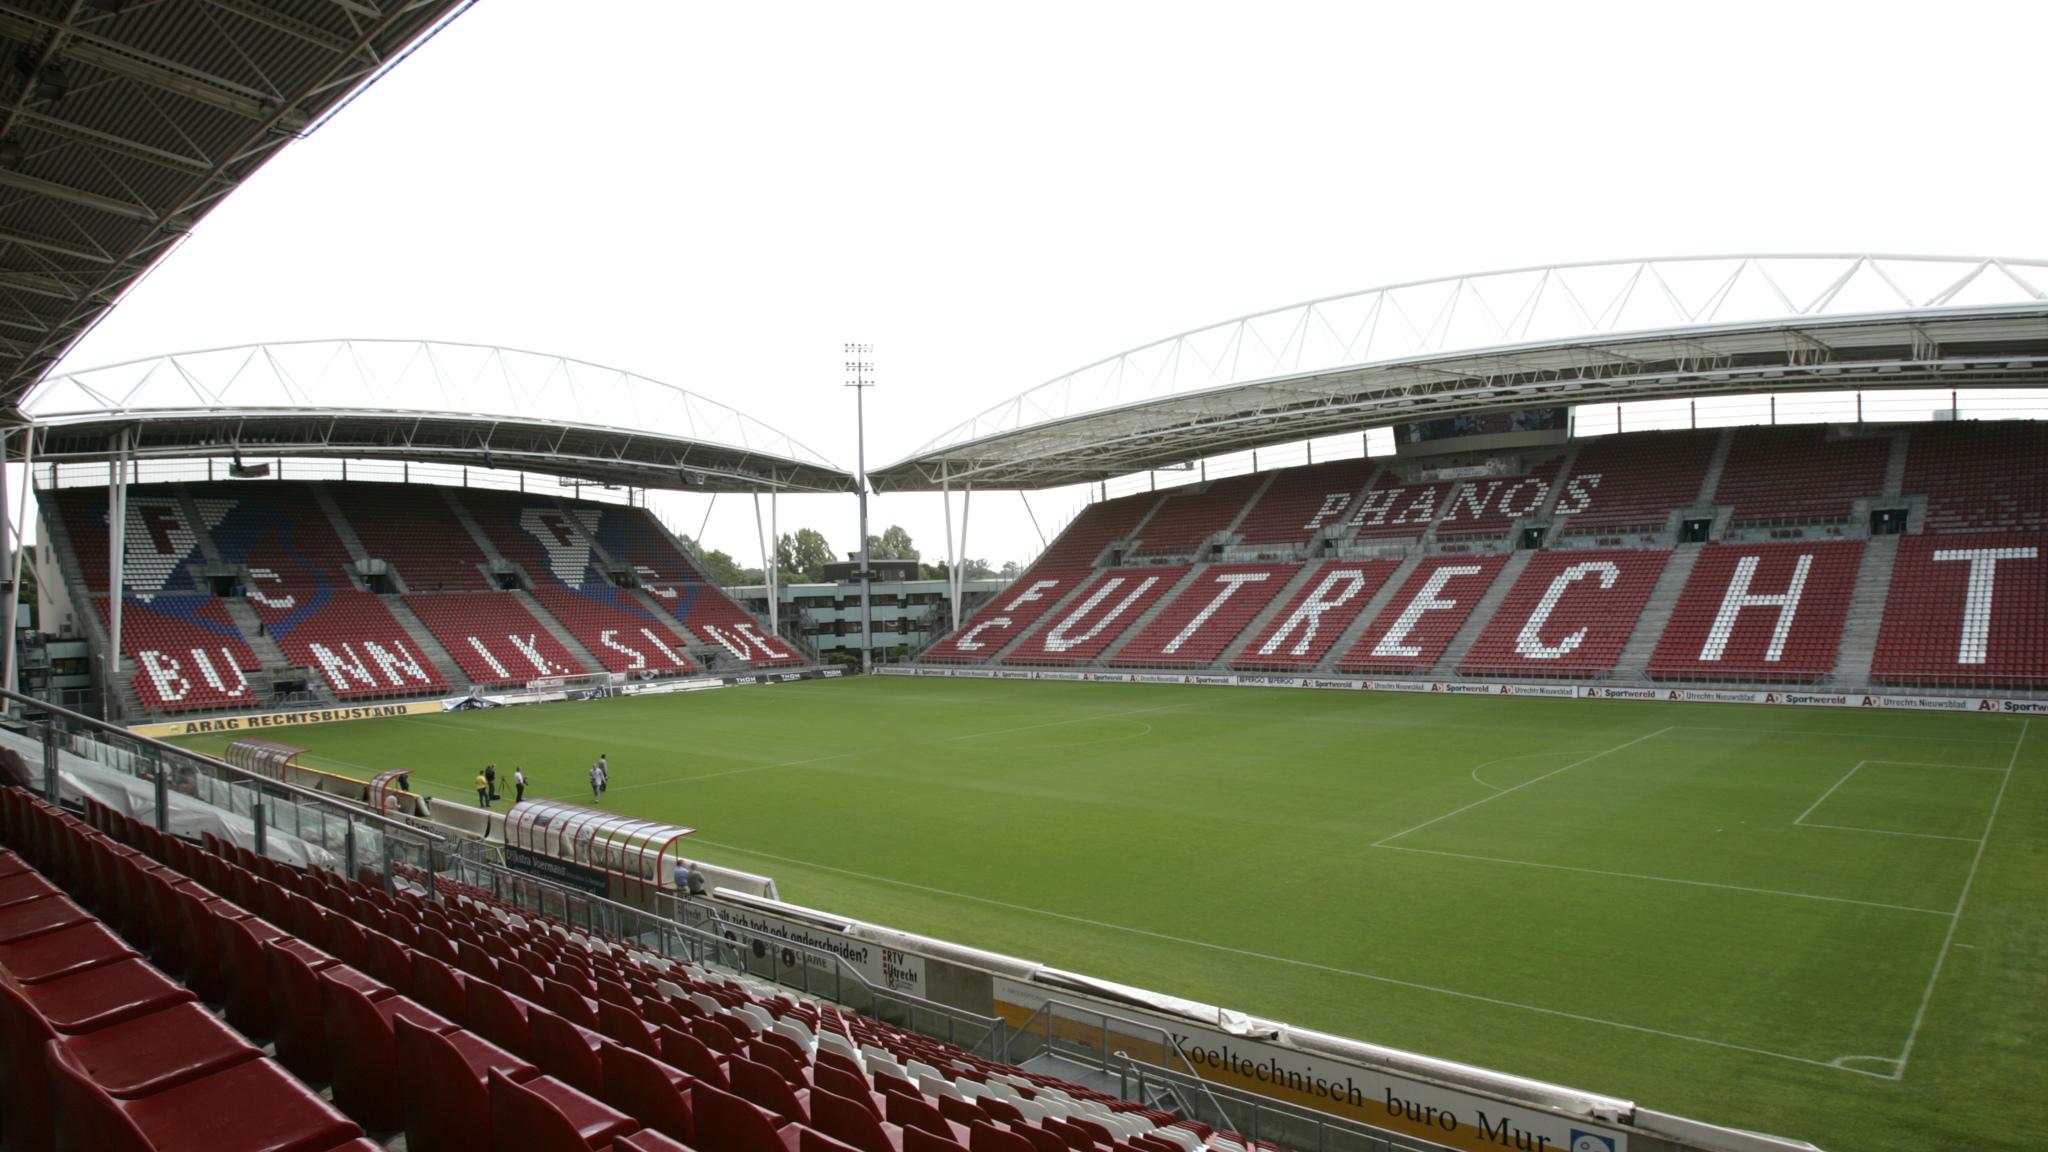 Vierde verdachte van overval op FC Utrecht | NOS